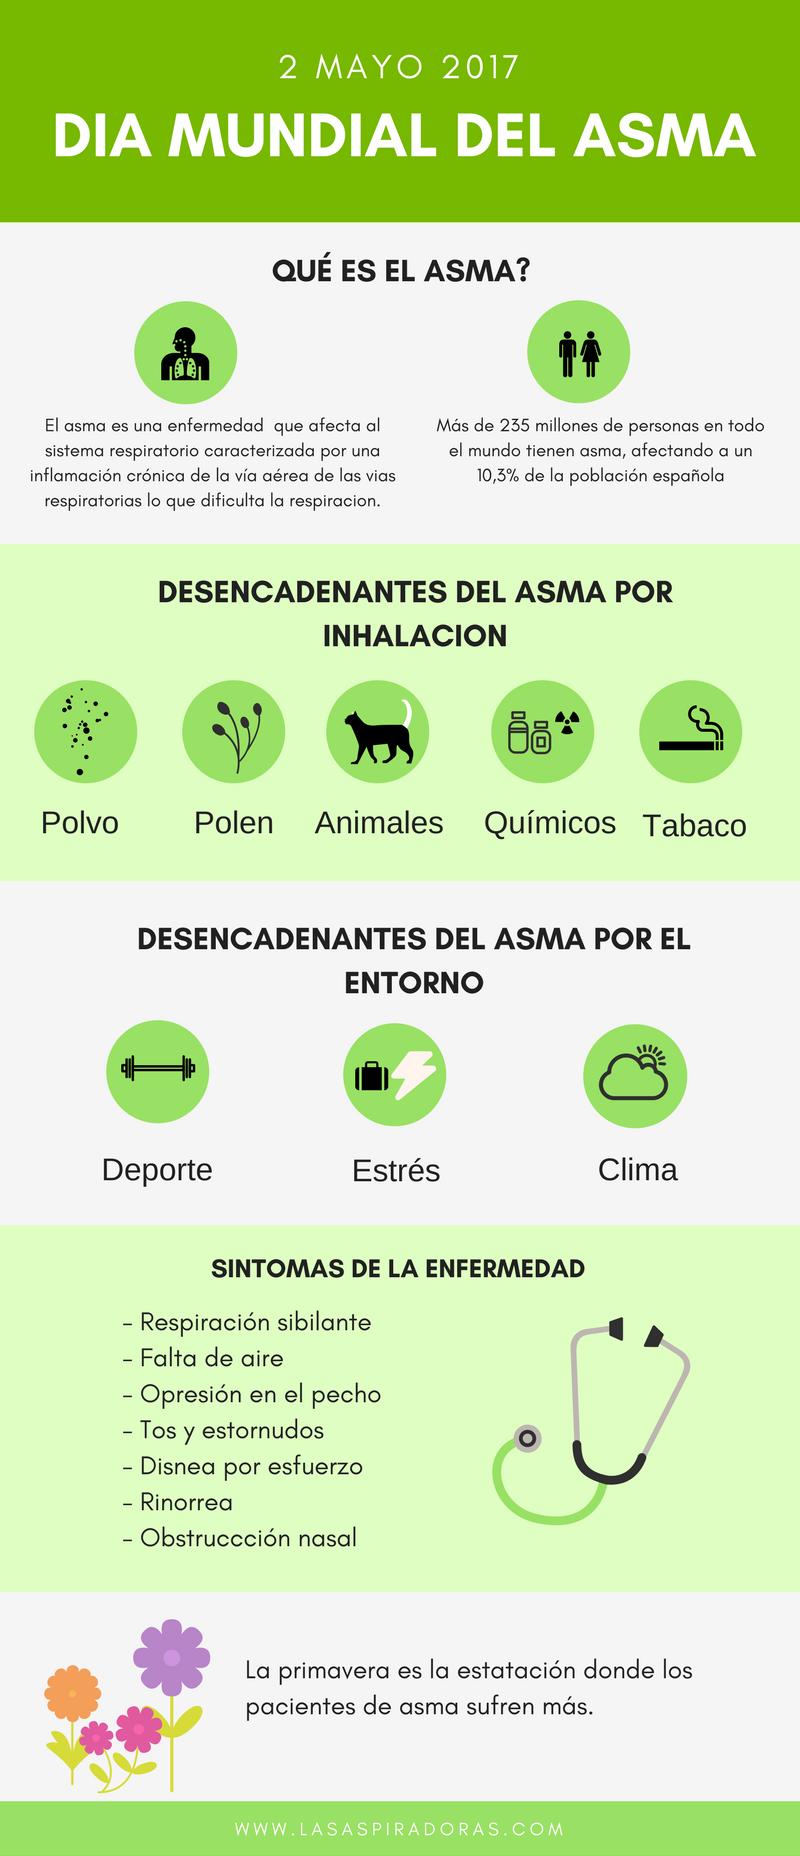 12 trucos para prevenir un ataque de asma #diamundialasma #salud ...